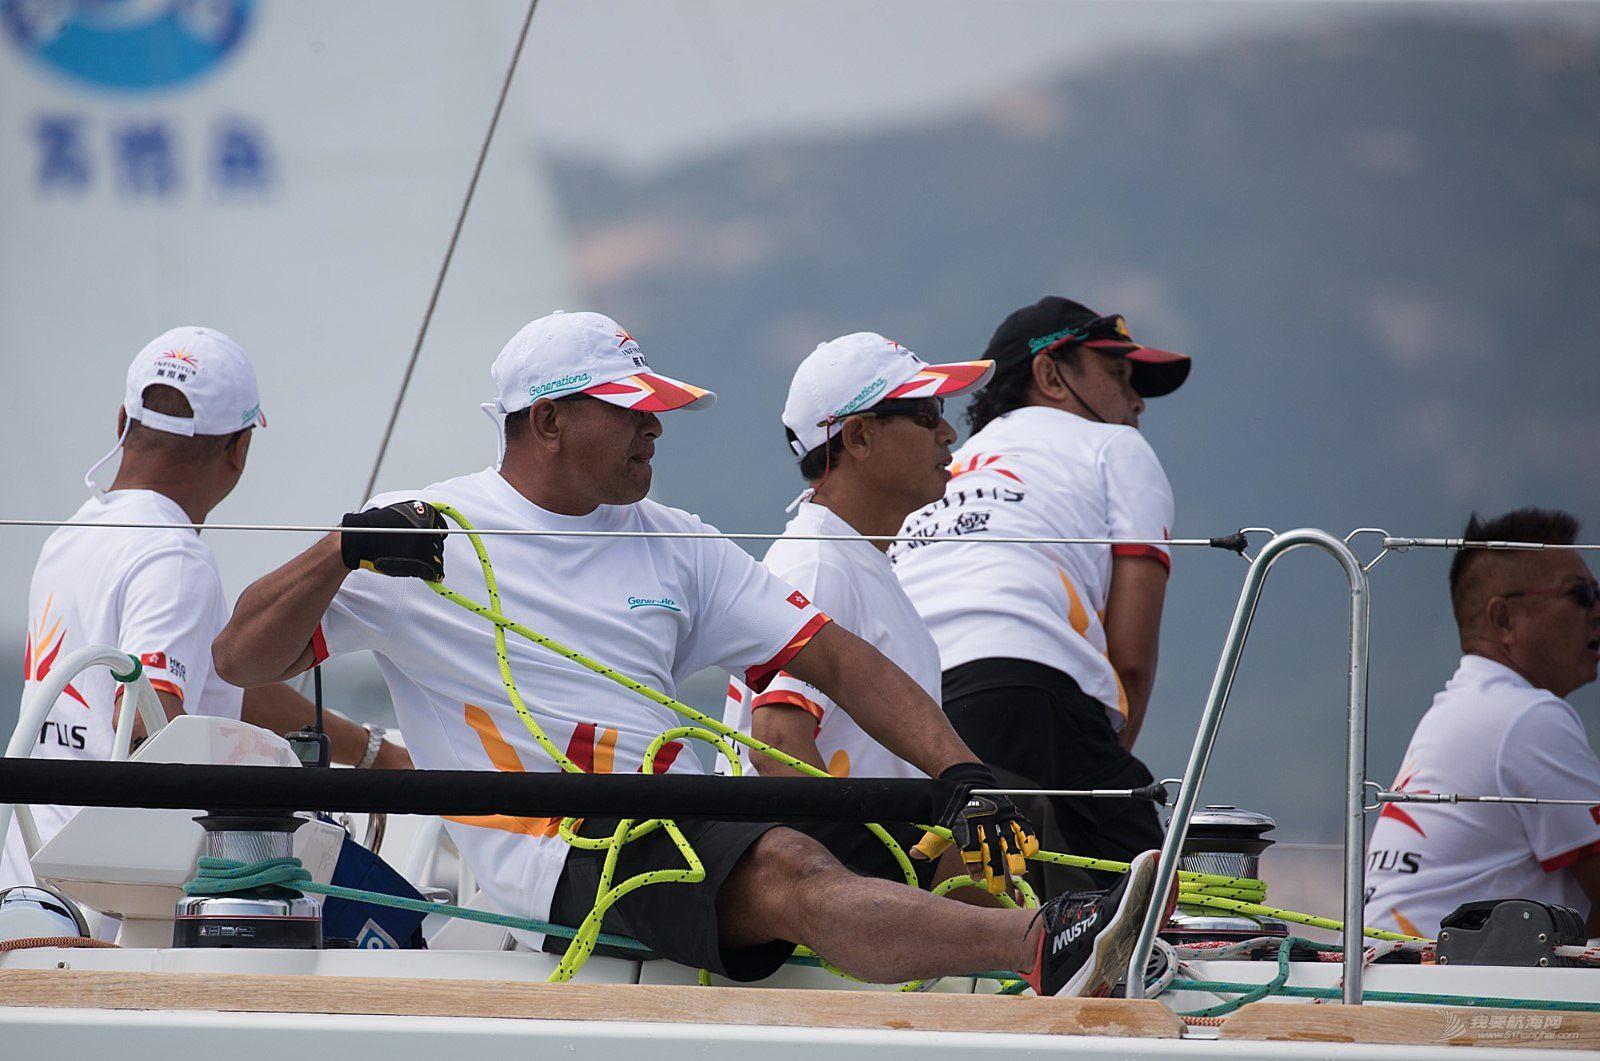 12th中国杯帆船赛场地赛首日:强手混战,卫冕冠军陷入艰难境地